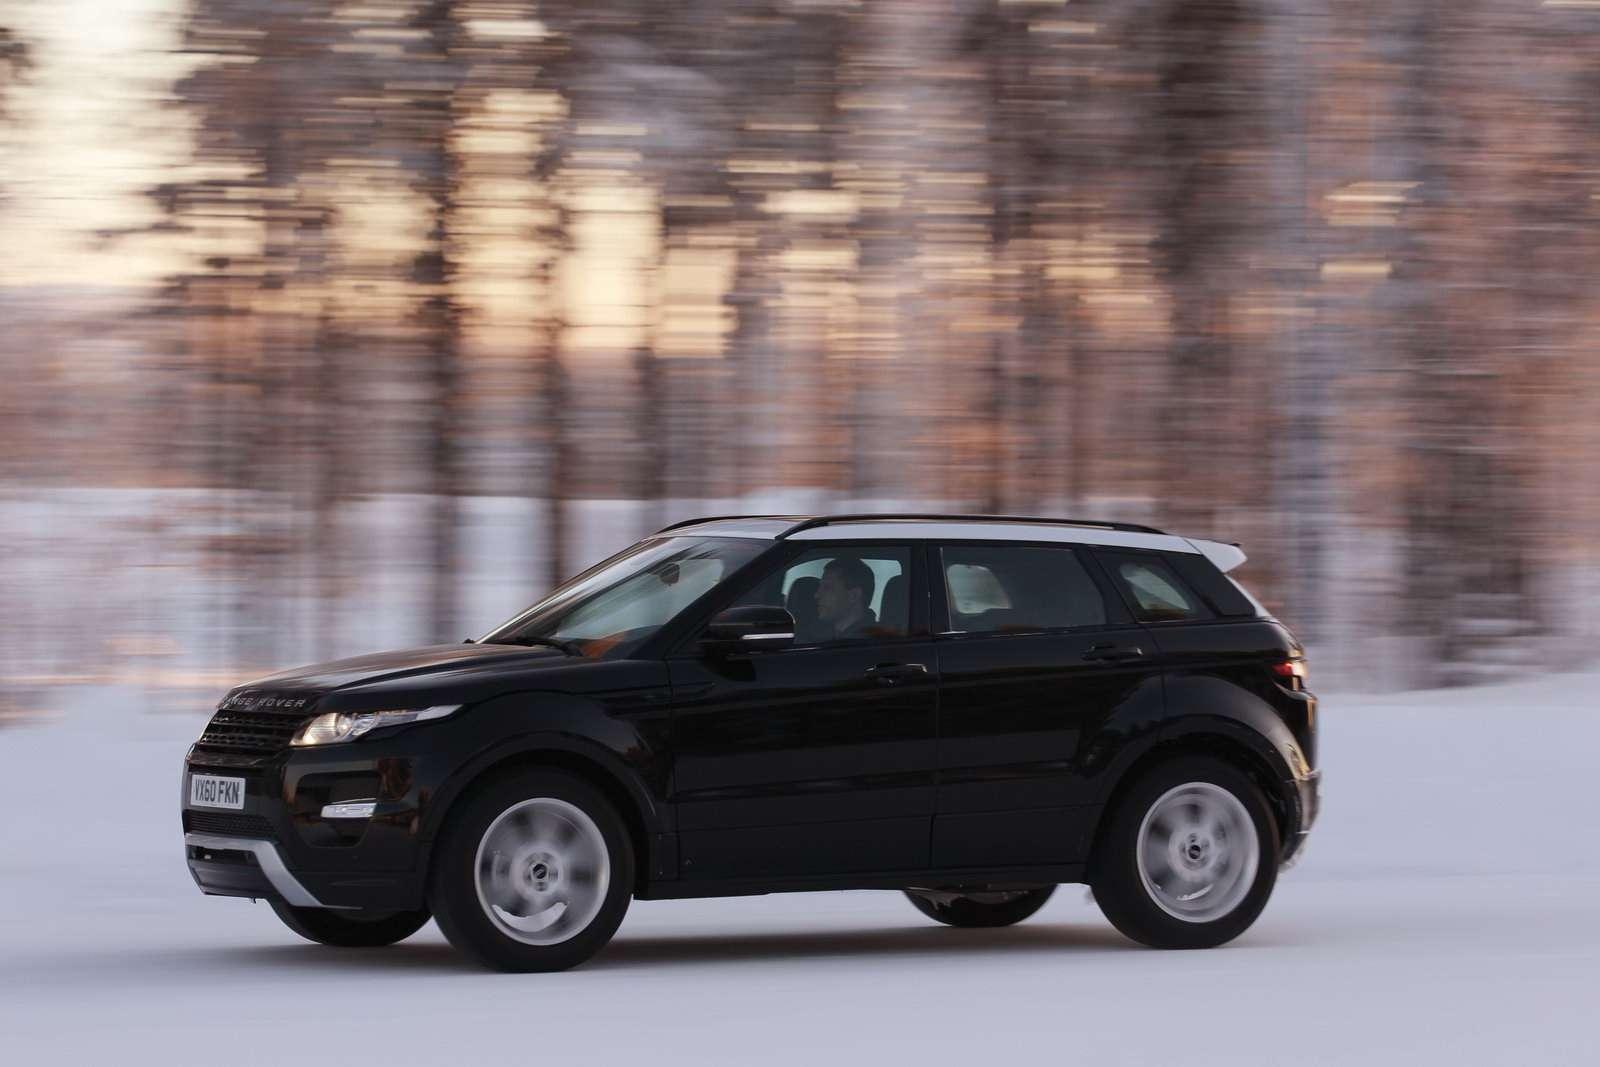 Range Rover Evoque Kwiecien 2011